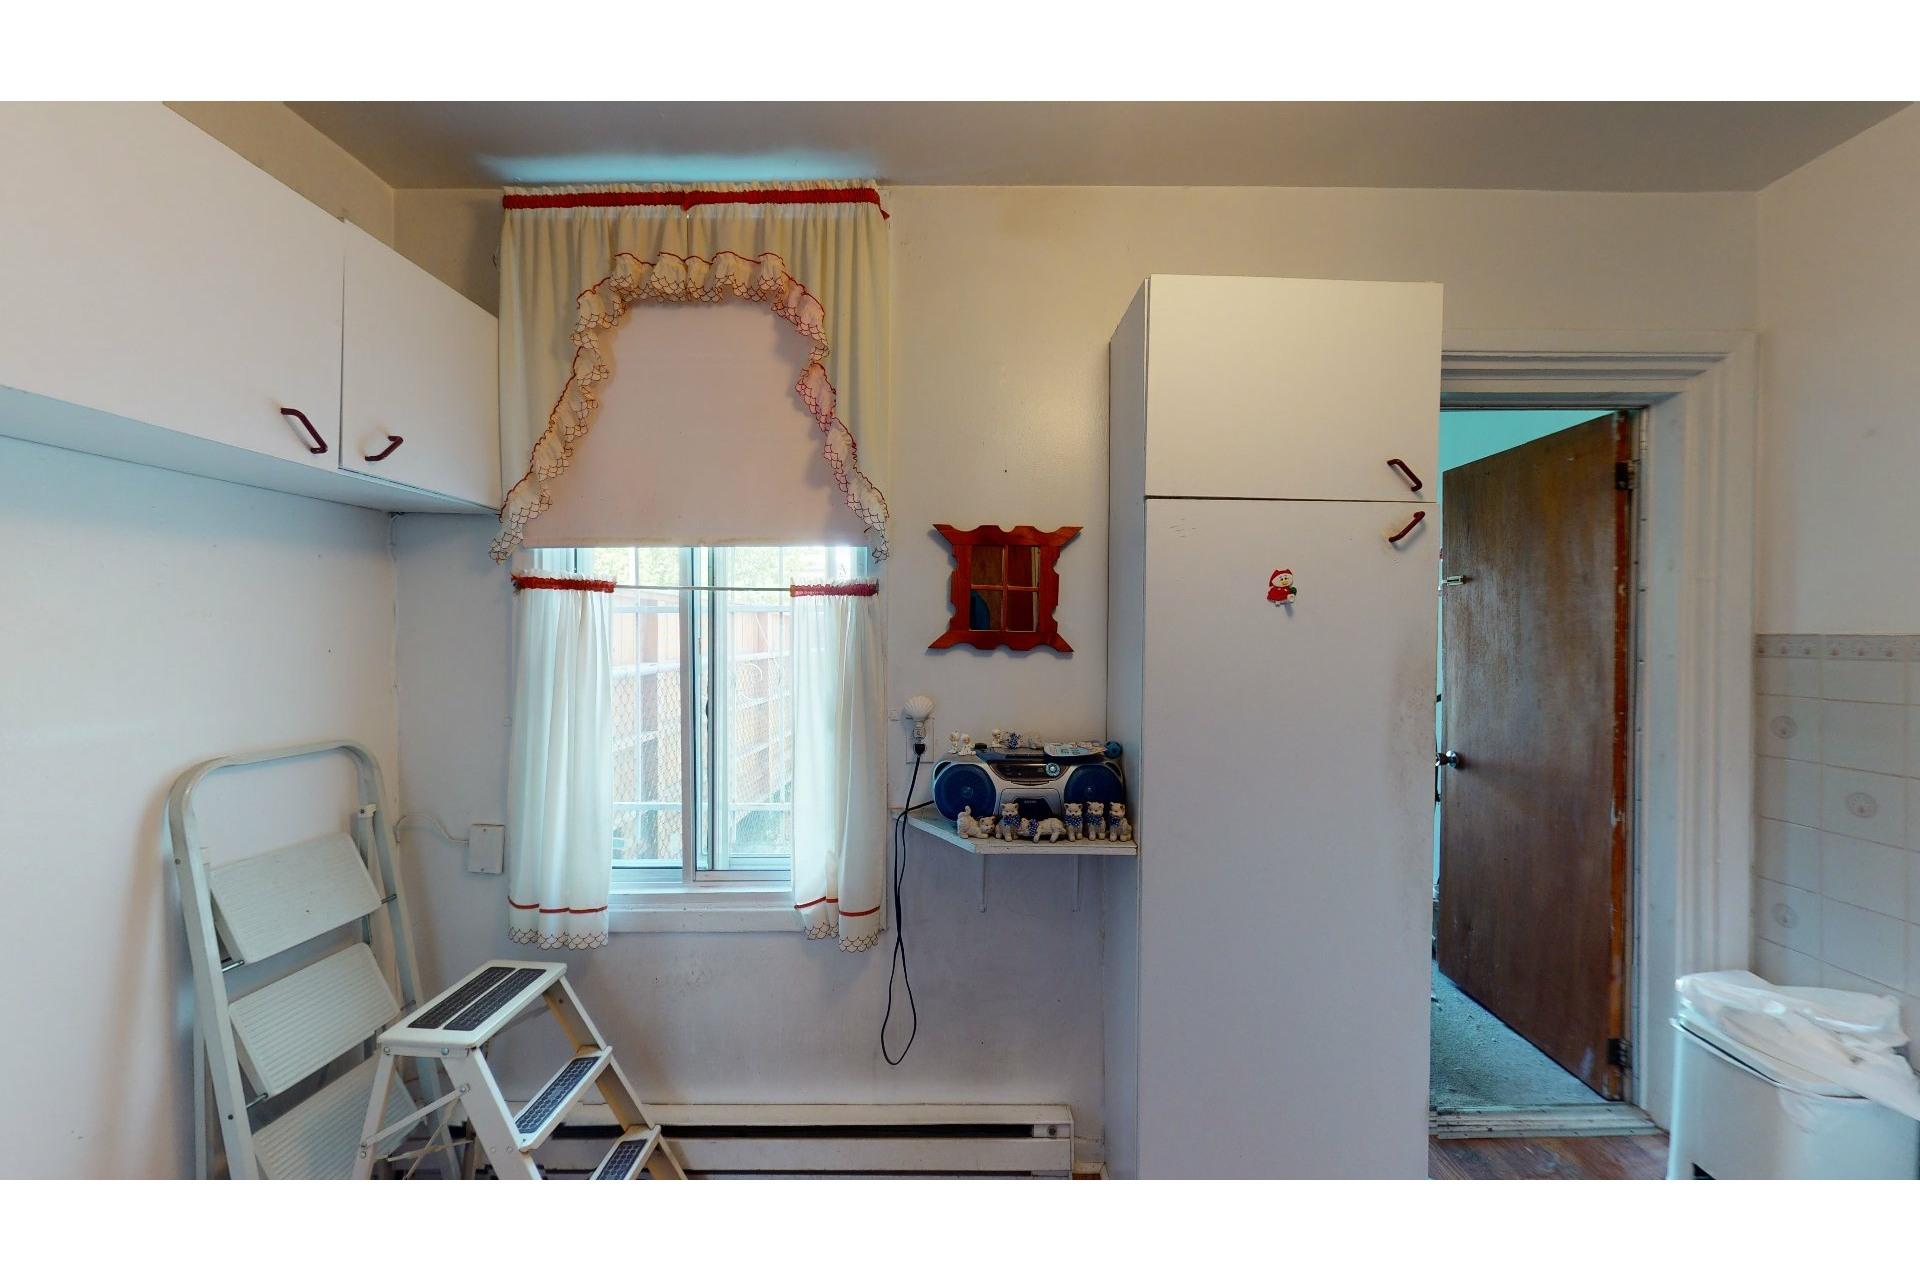 image 16 - Duplex À vendre Rosemont/La Petite-Patrie Montréal  - 4 pièces